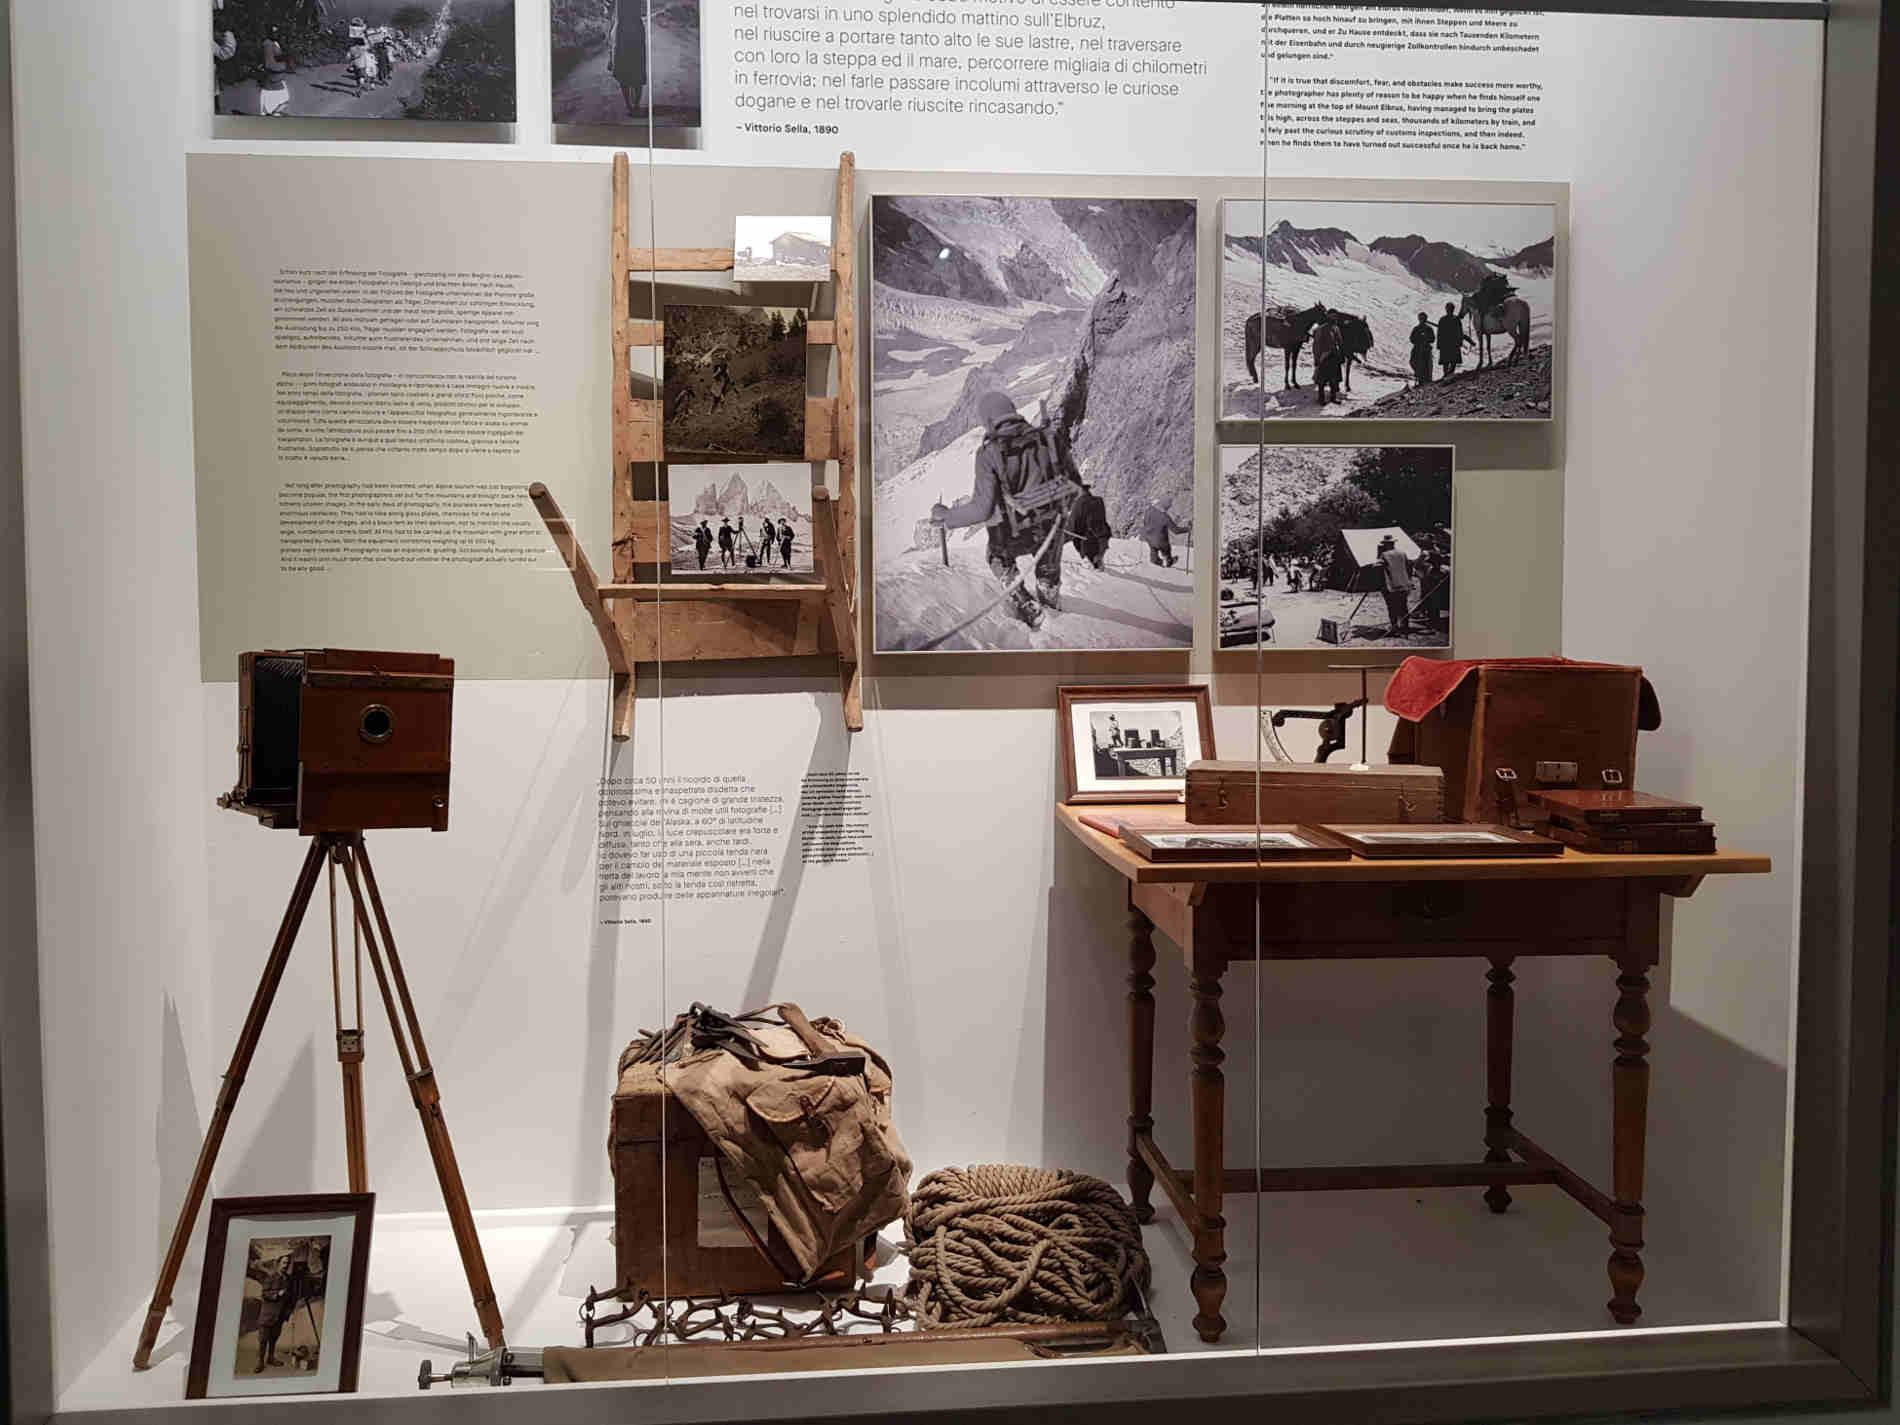 attrezzature per la fotografia di Montagna - Lumen Museum a Plan de Corones